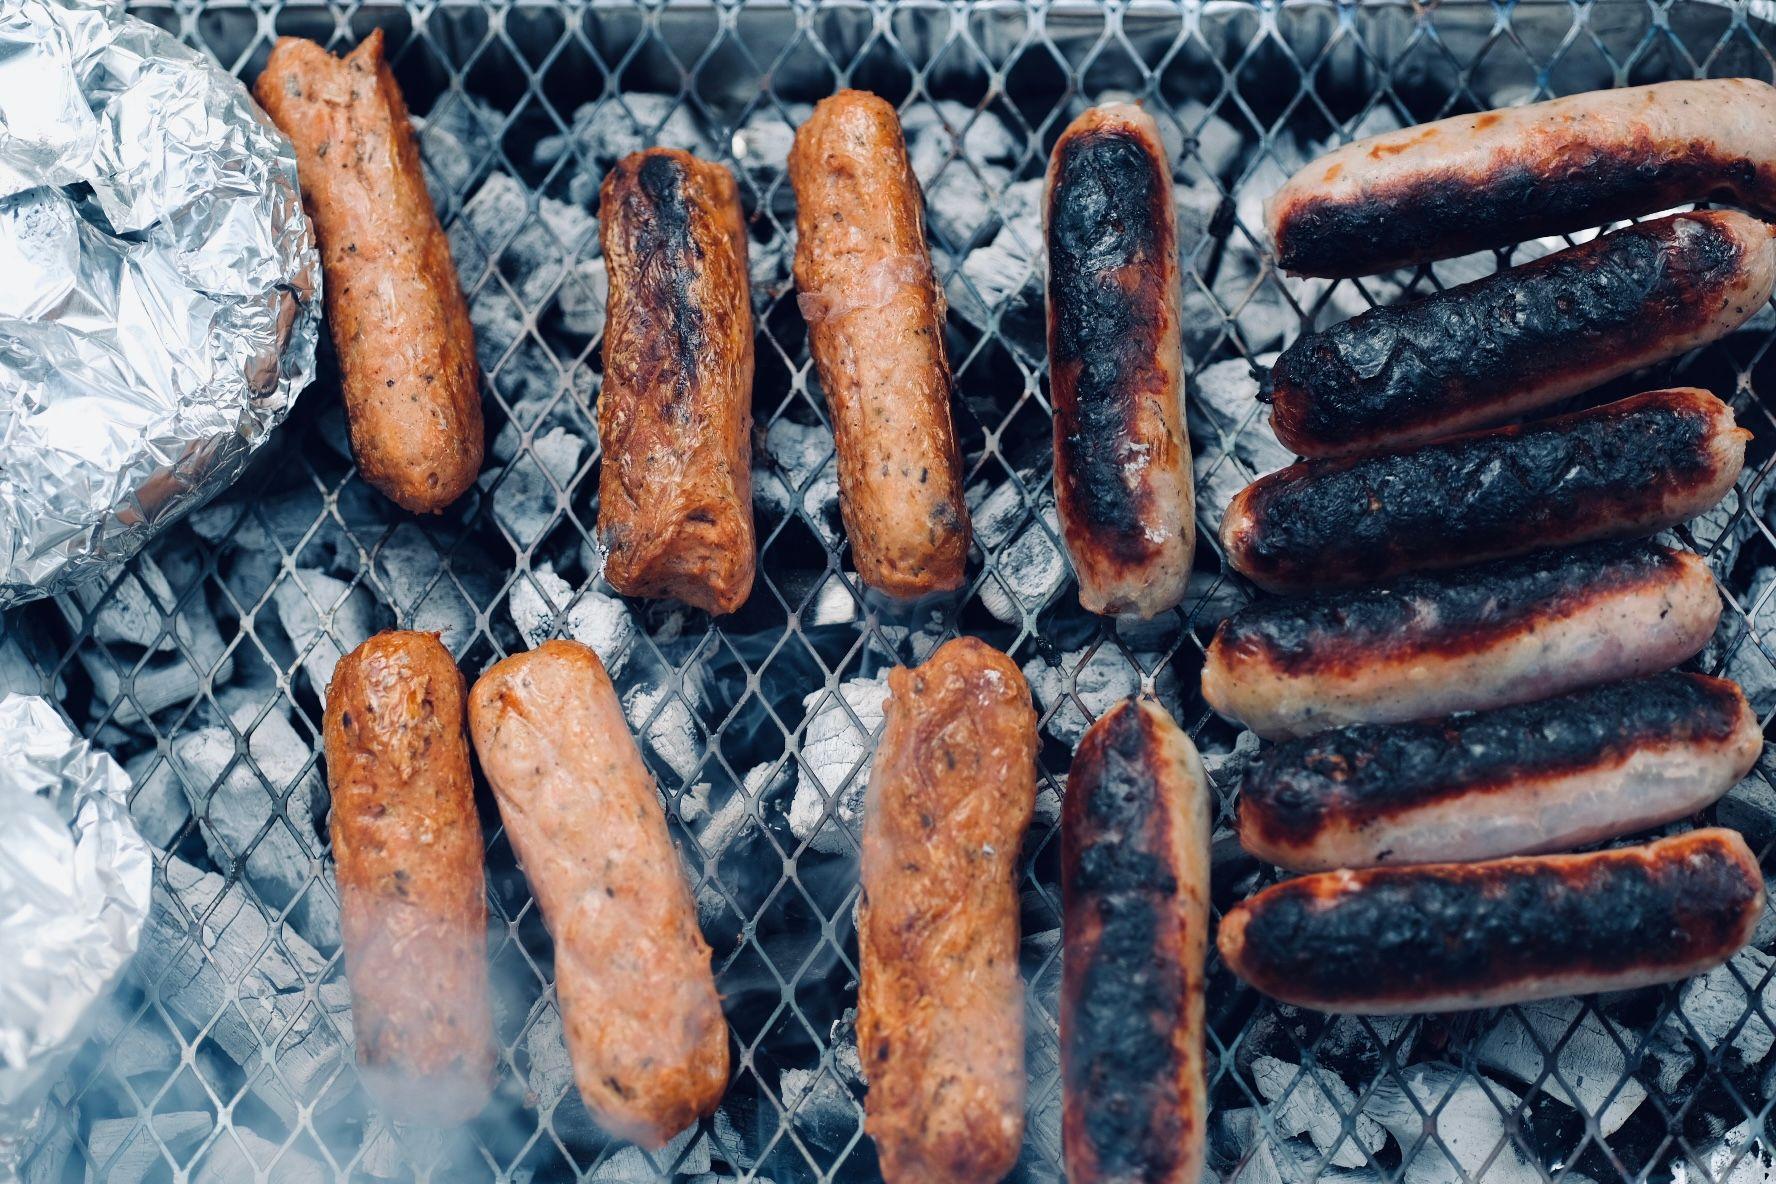 veggie sausages too